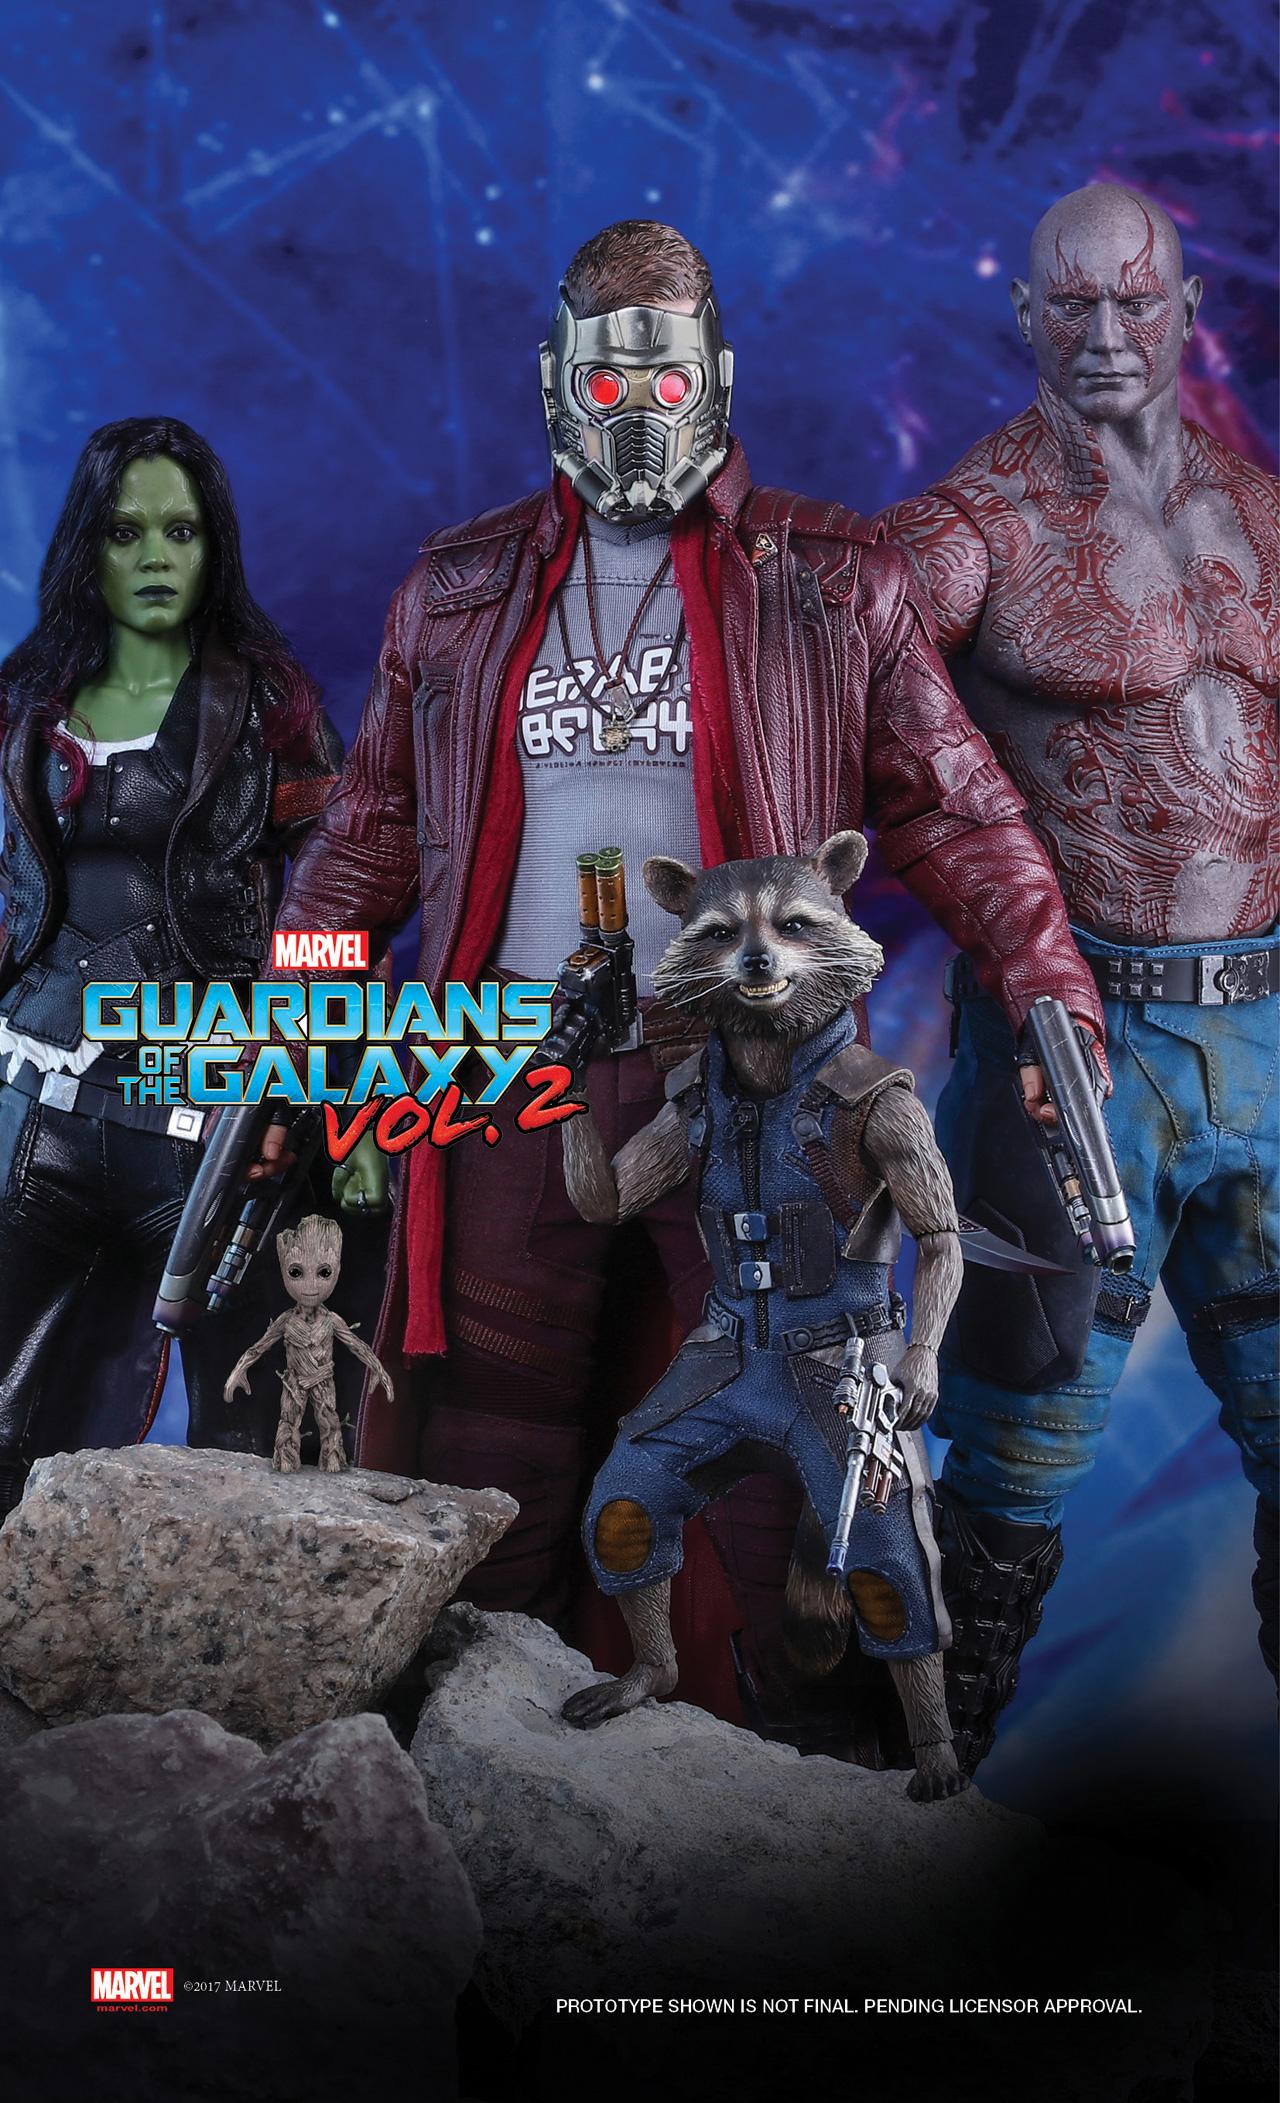 Guardiani della Galassia 2: le prime immagini dei prodotti Hot Toys